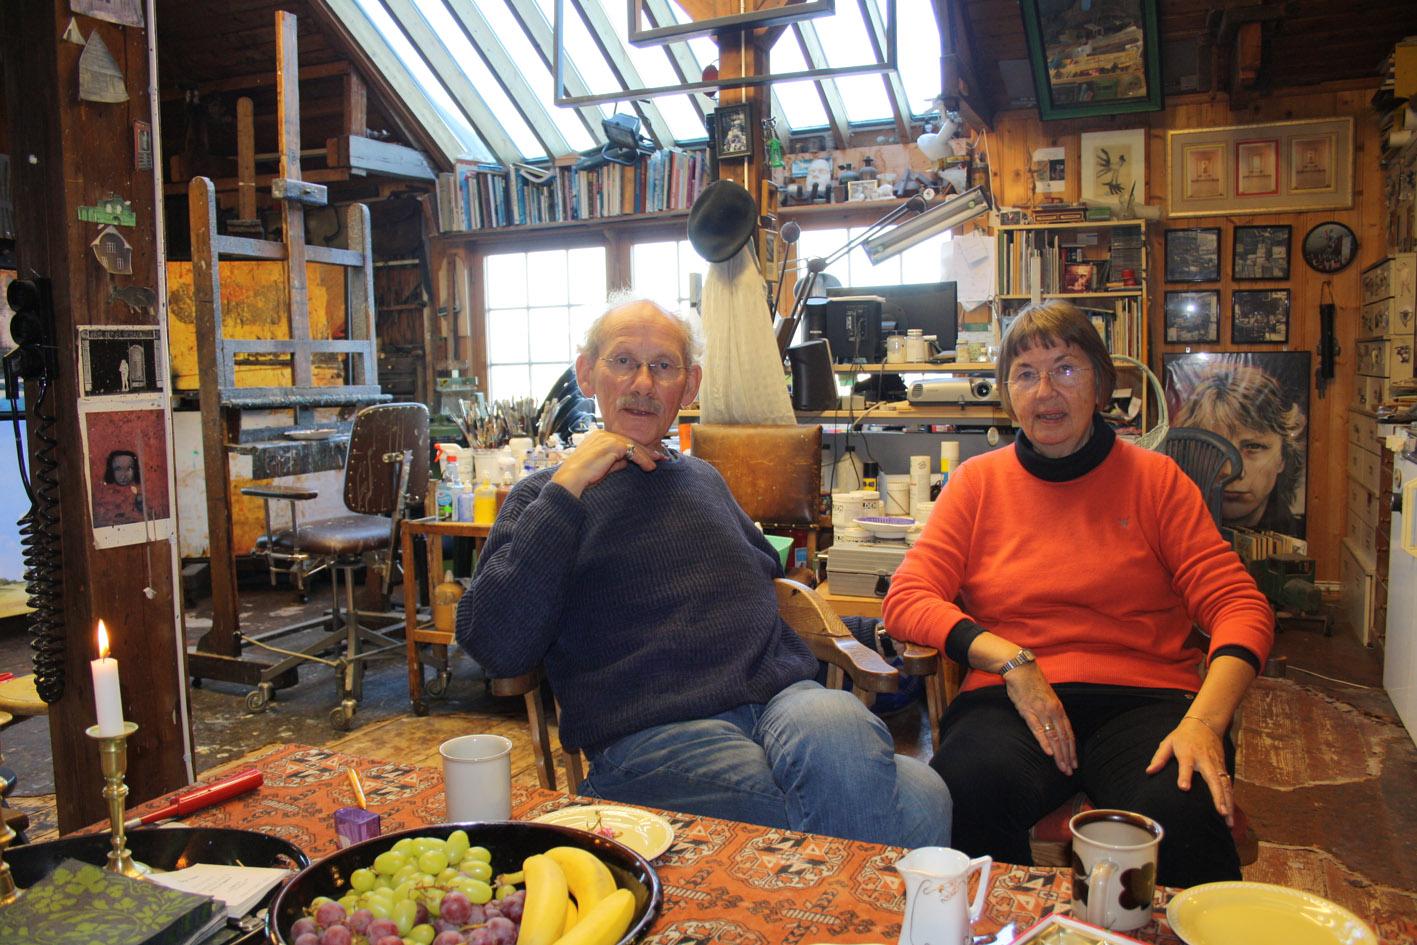 Arne Samuelsen og Tove Lissner sitter ved ett bord. Malereier i bakgrunnen